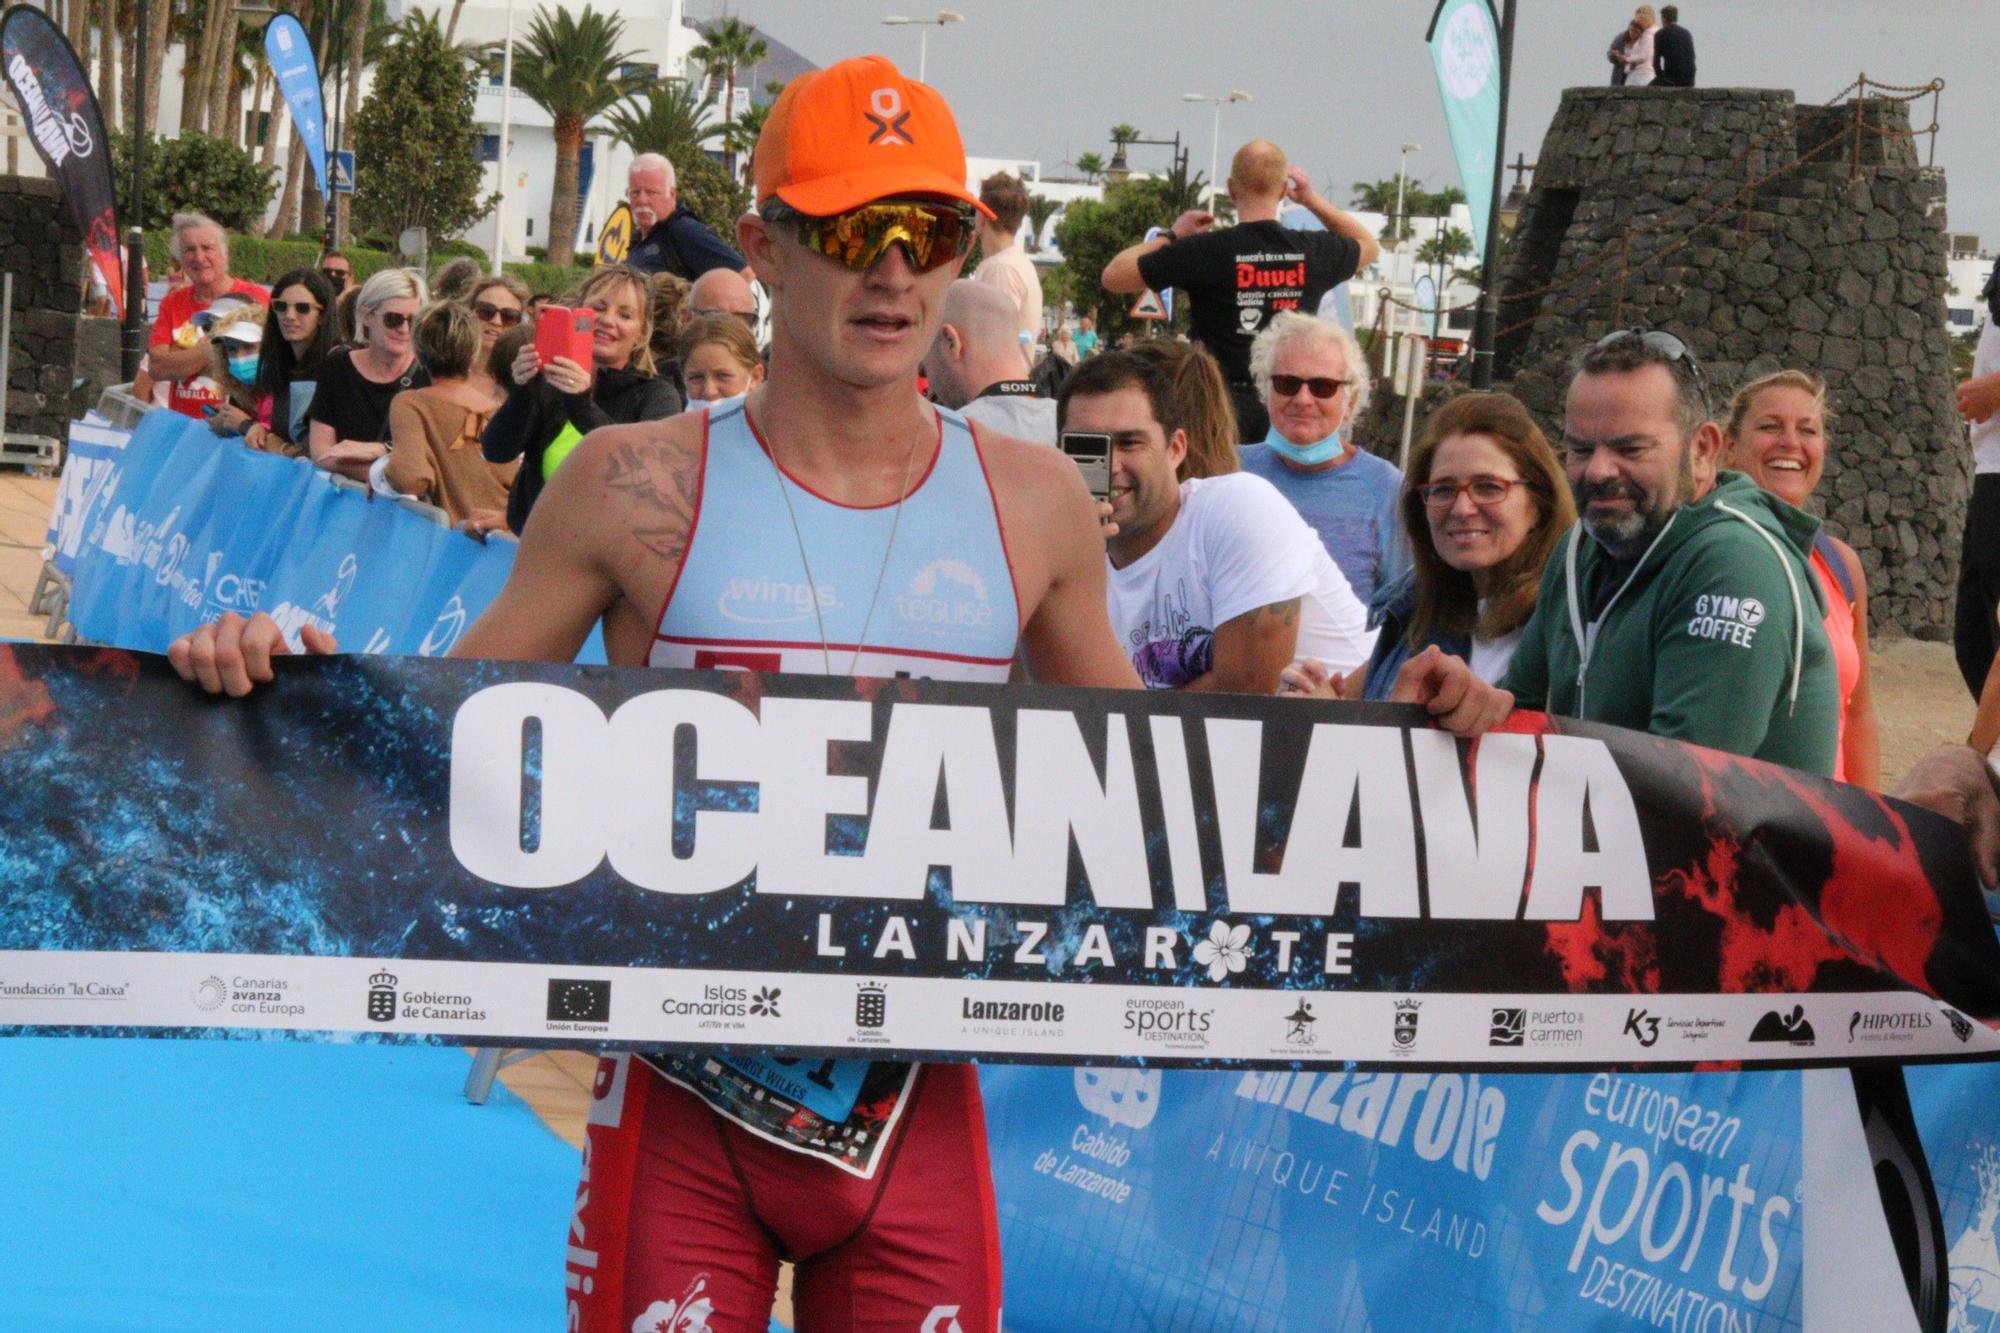 XI Ocean Lava Lanzarote Triathlon